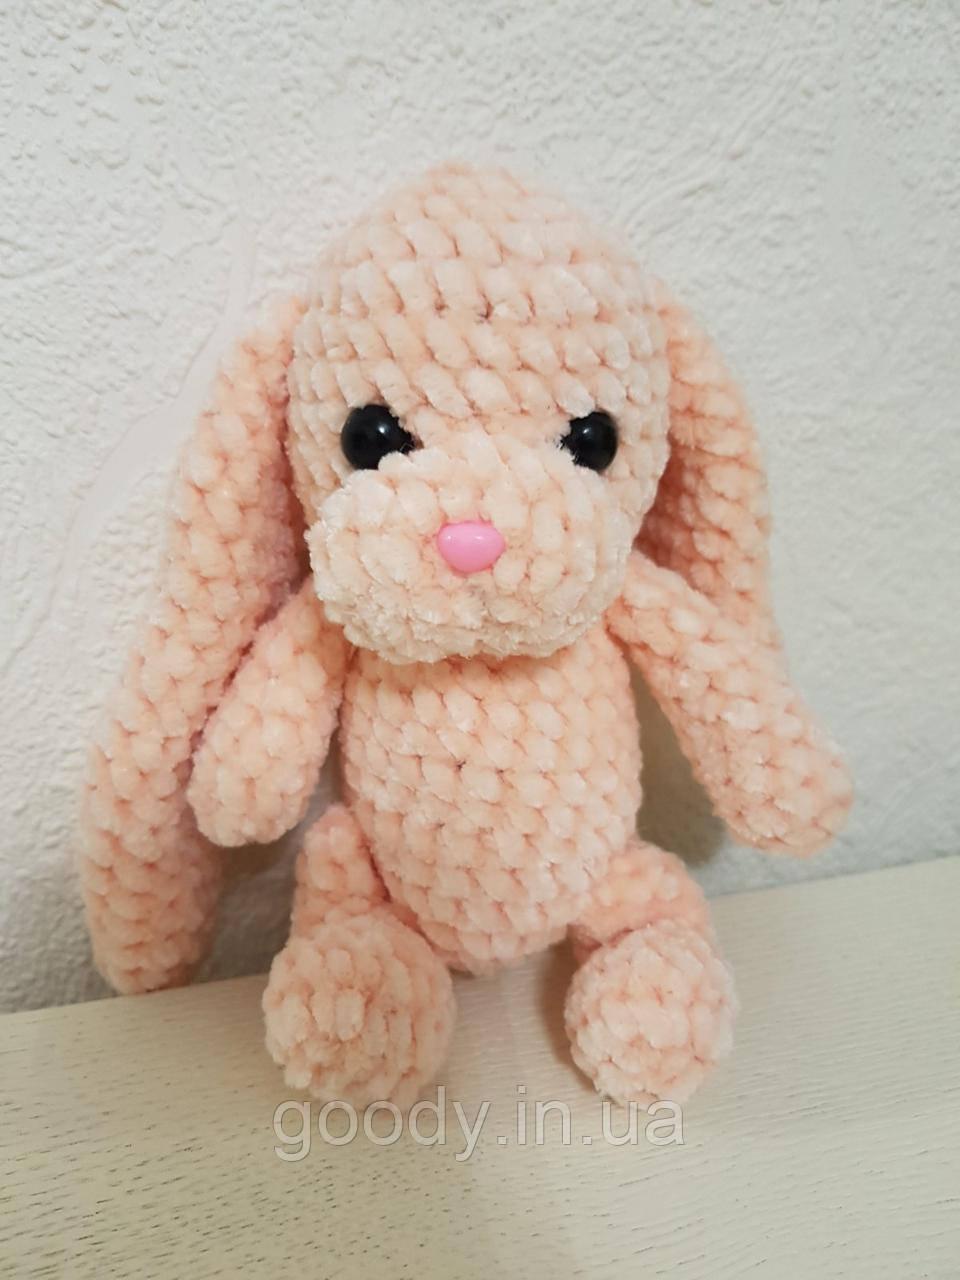 М'яка іграшка заєць із плюшевої пряжі 15 cm